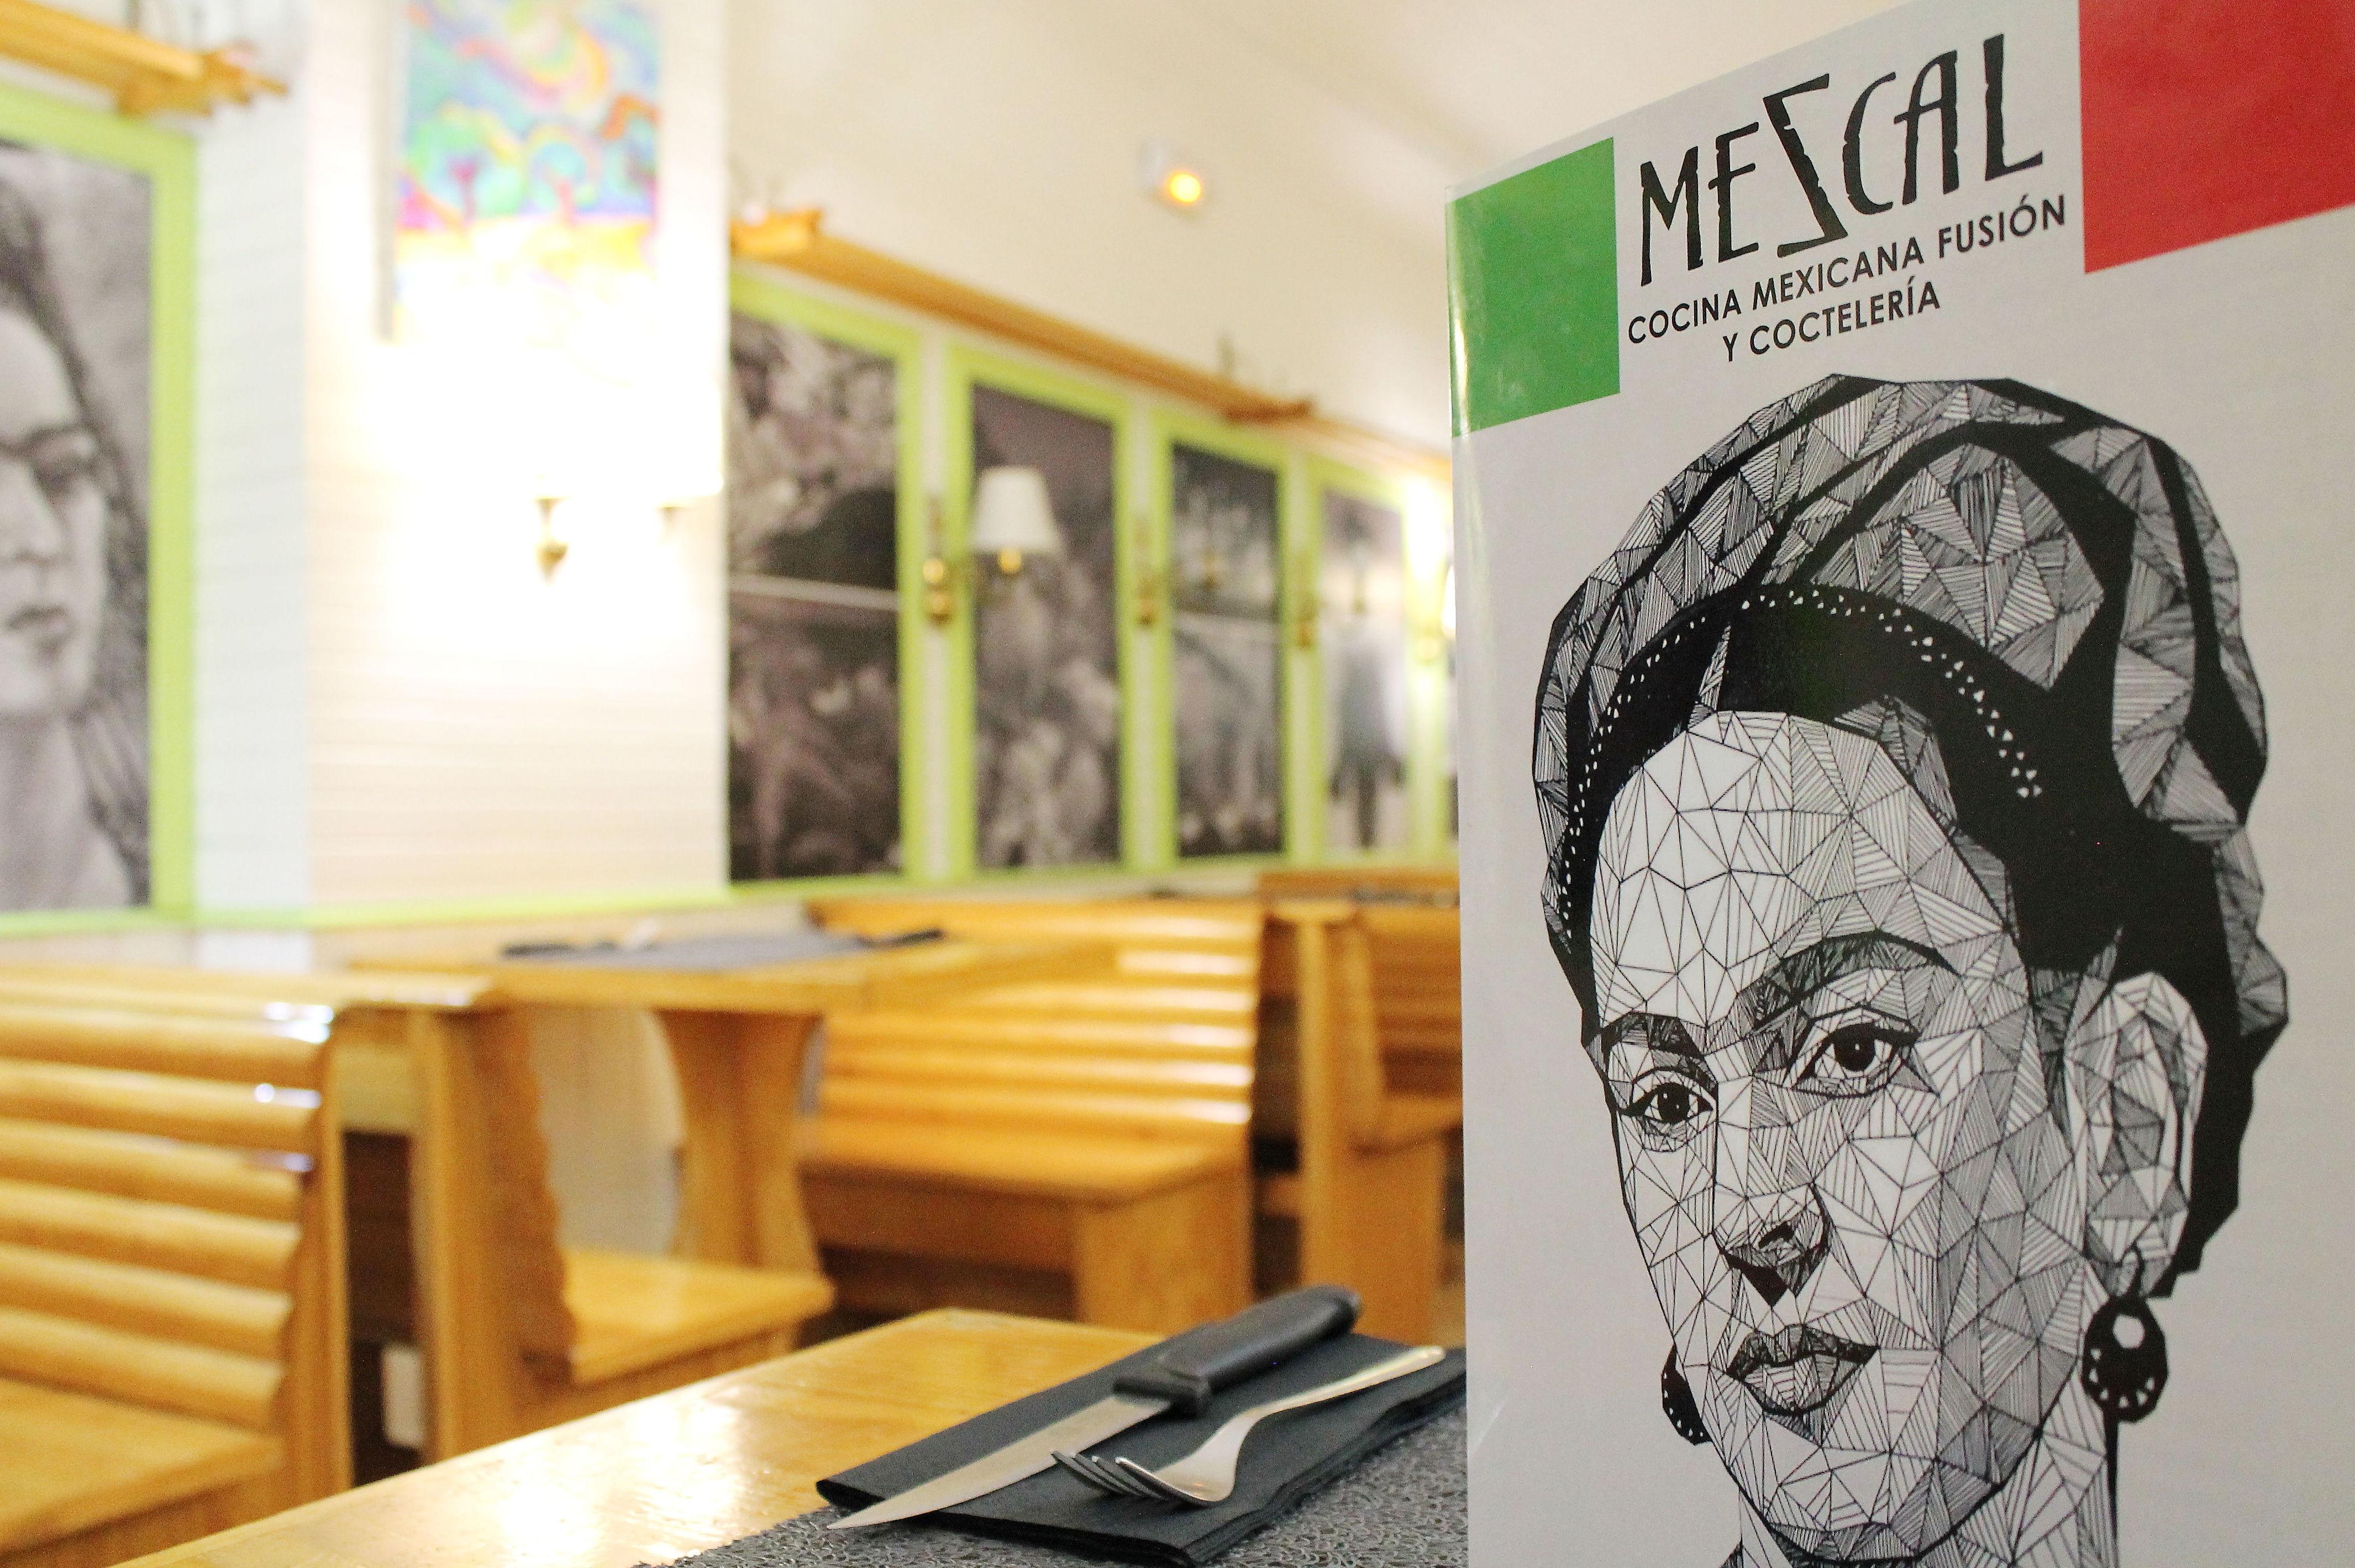 Mezcal, cocina mexicana fusión en Madrid centro